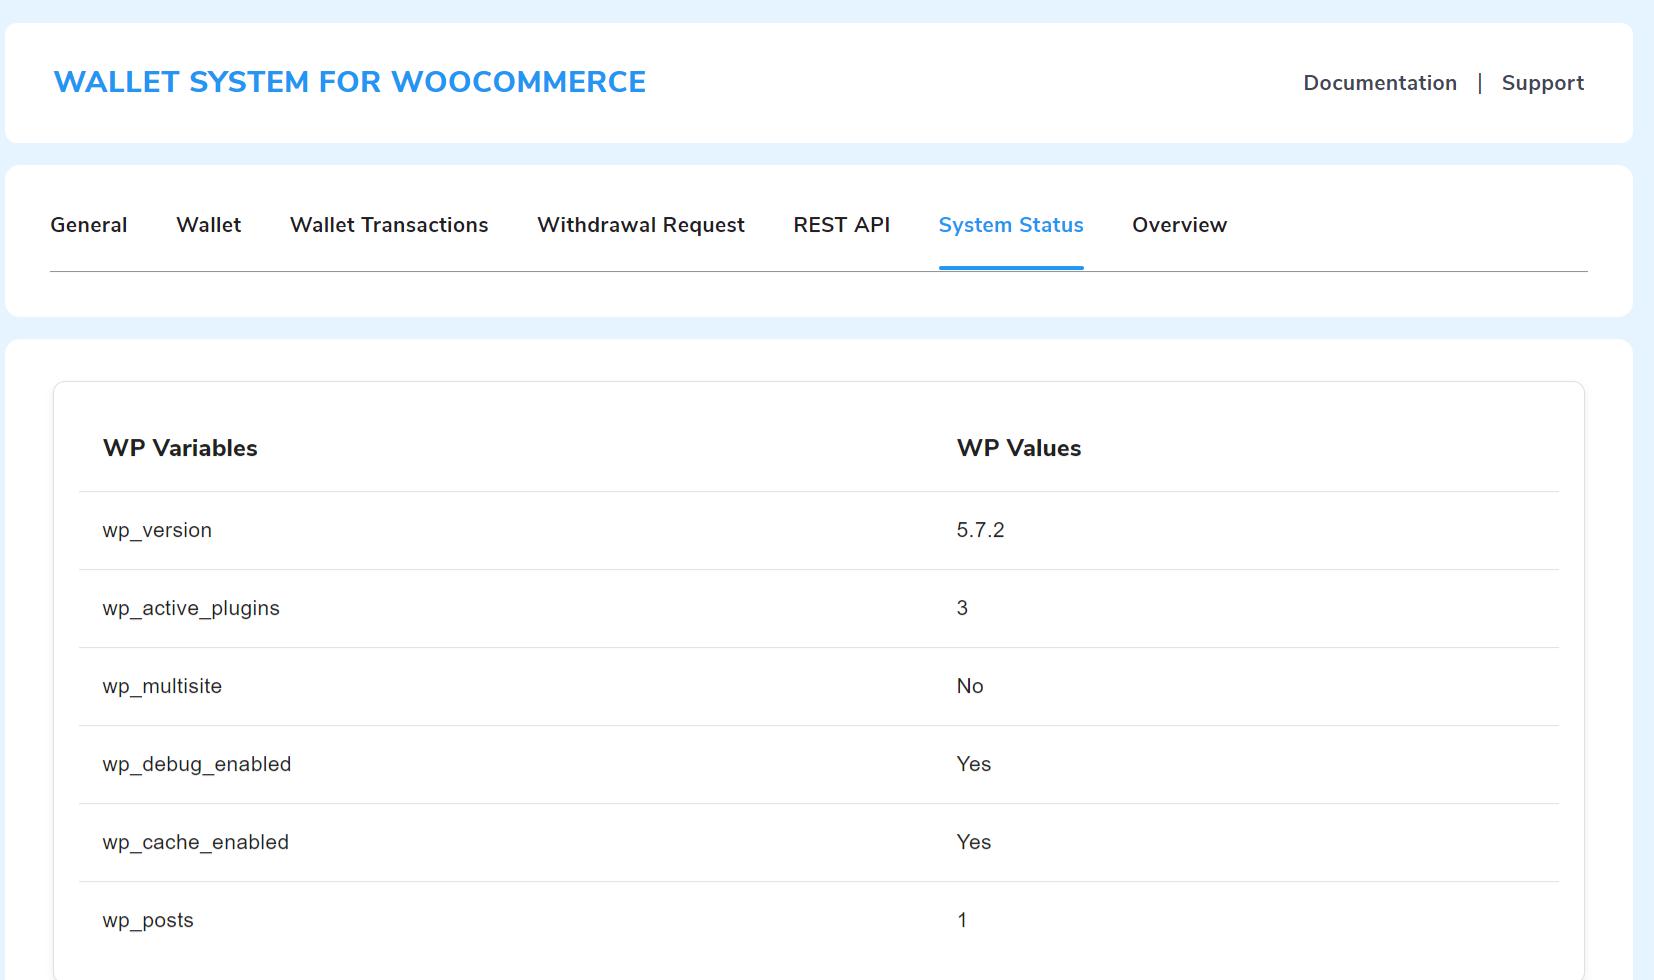 wp variable status